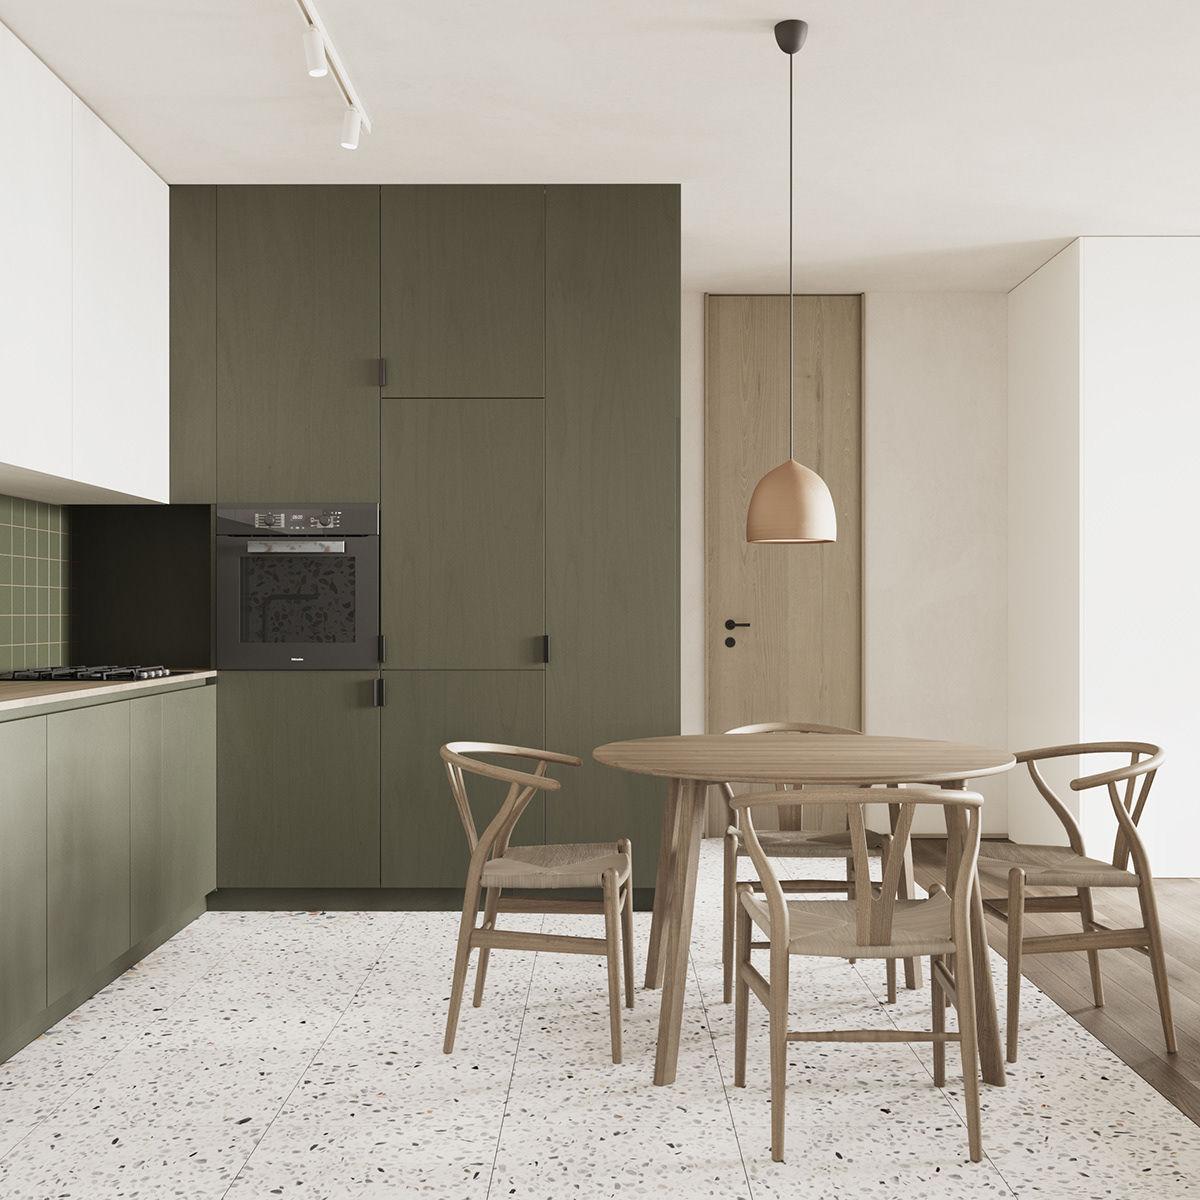 Bếp sử dụng thêm tông xanh lục thẫm tạo điểm nhấn màu sắc cho căn hộ